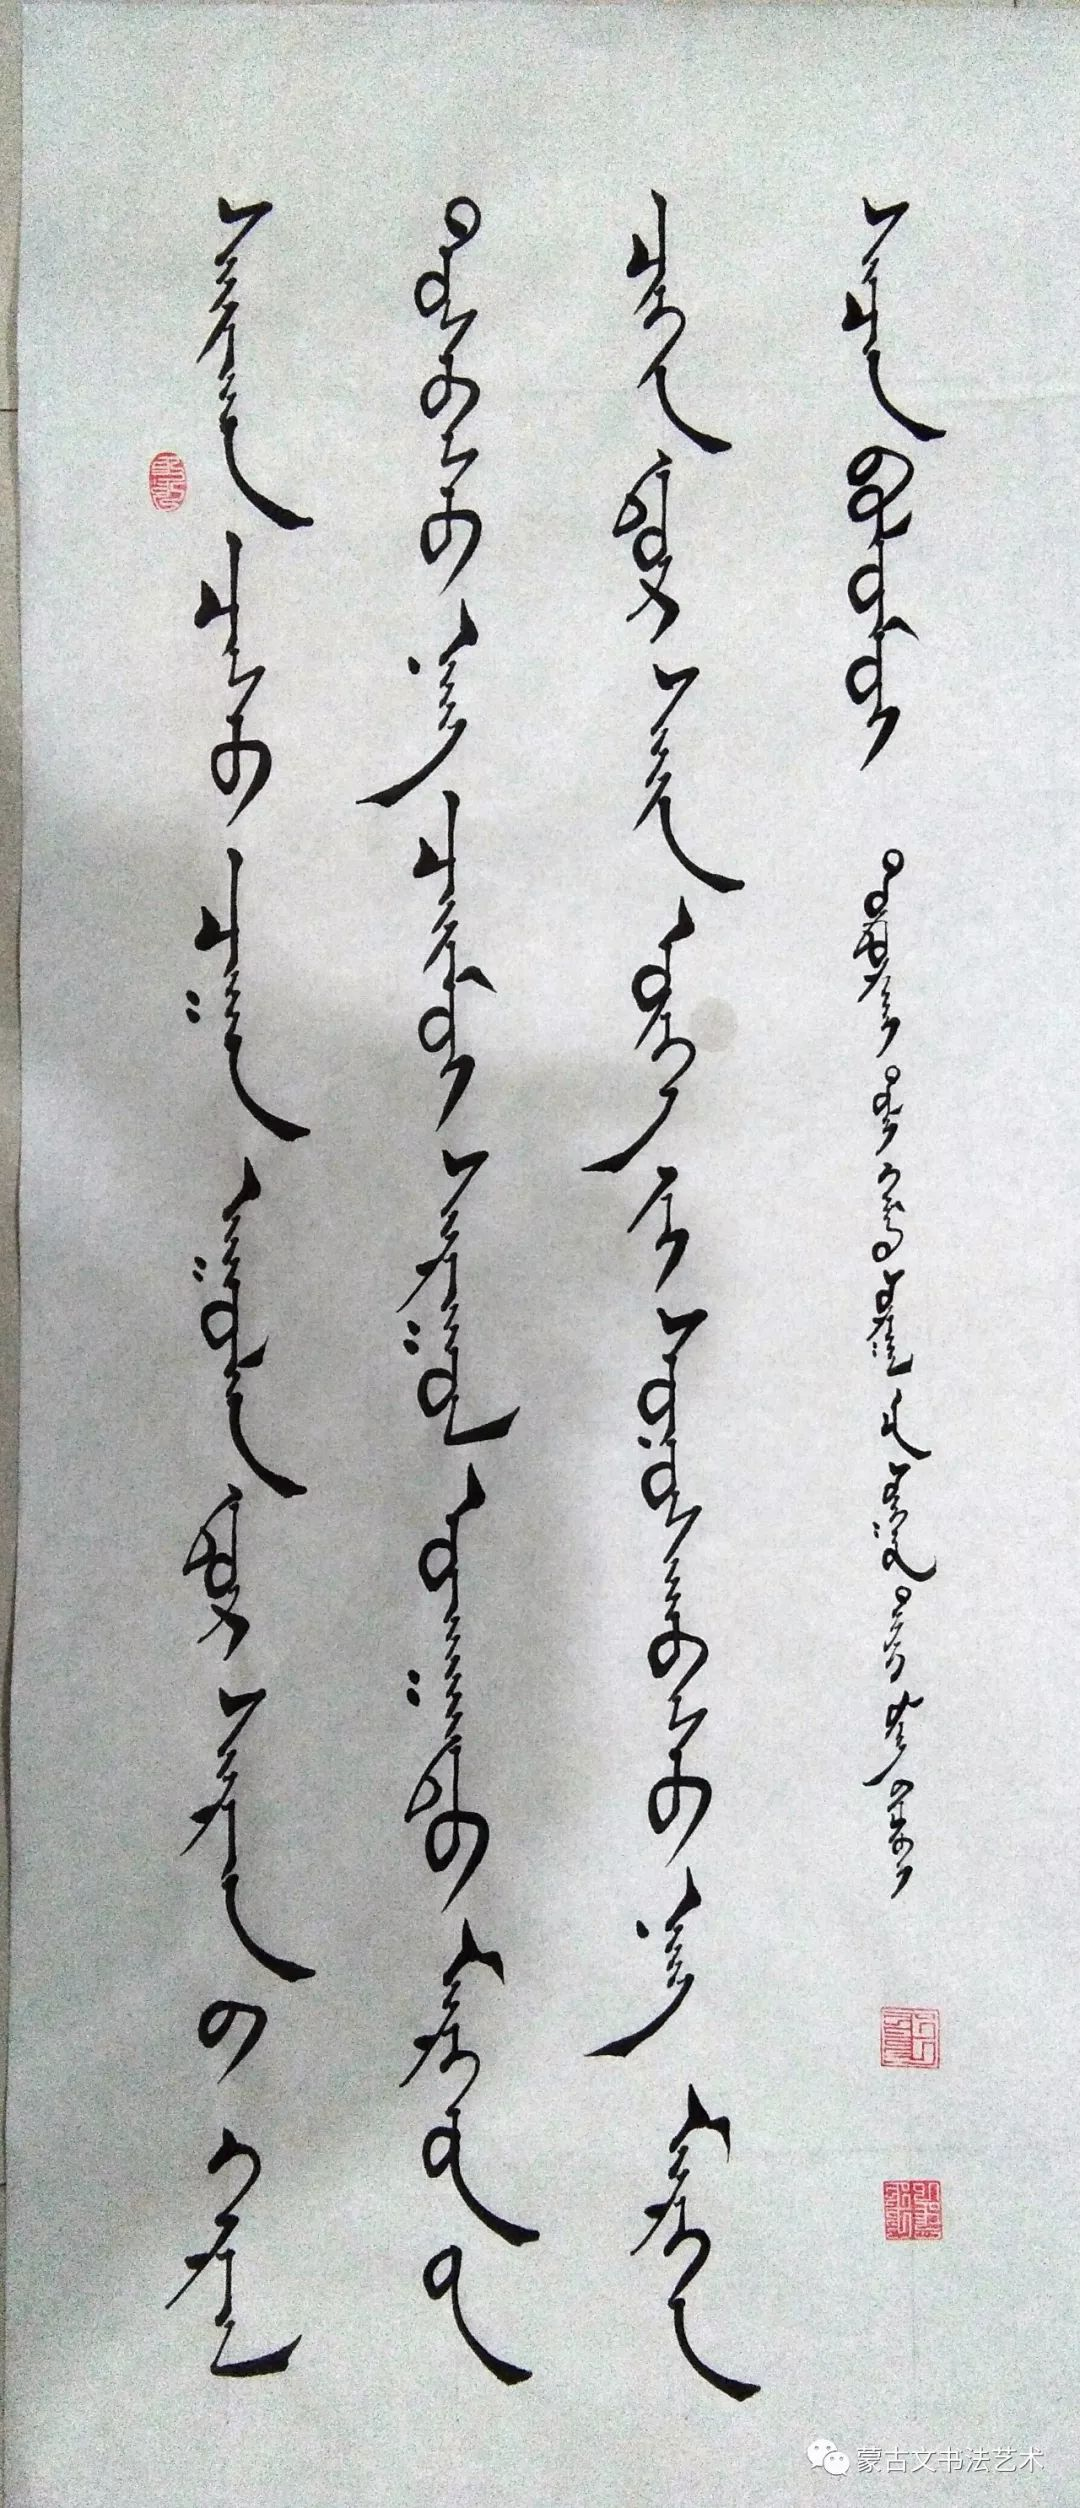 铁龙楷书作品 第3张